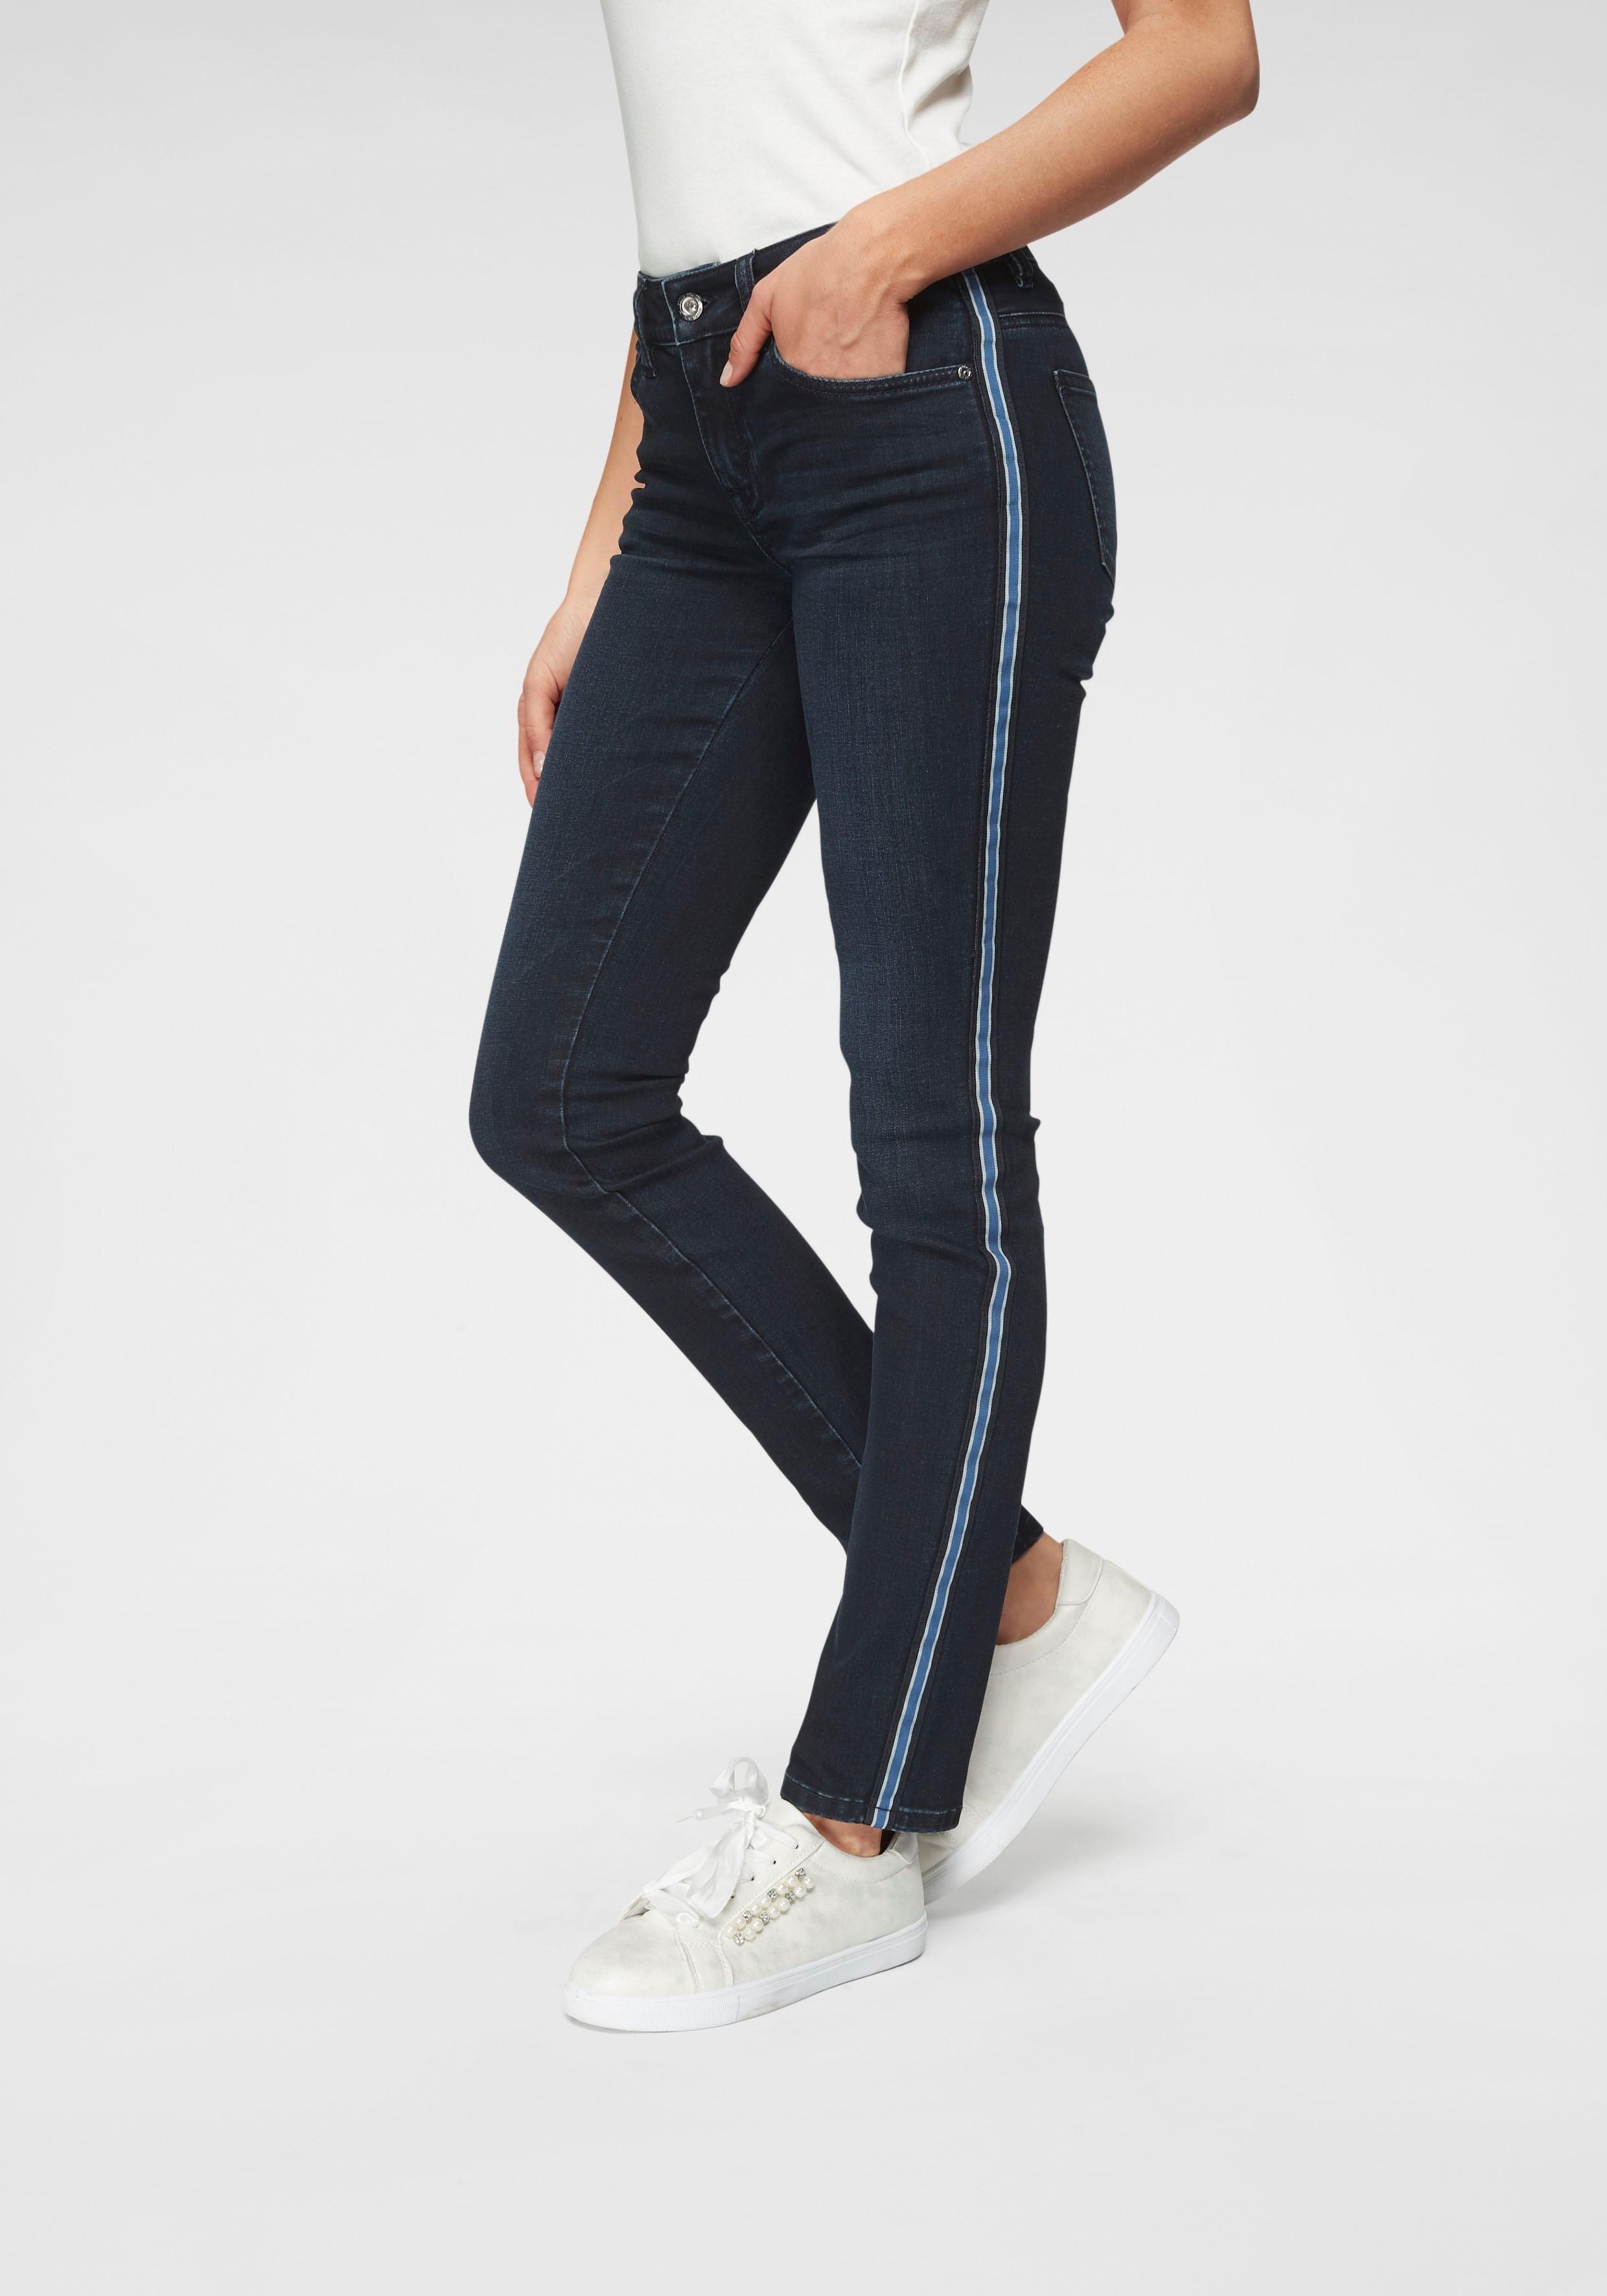 tom tailor skinny jeans online shop otto. Black Bedroom Furniture Sets. Home Design Ideas